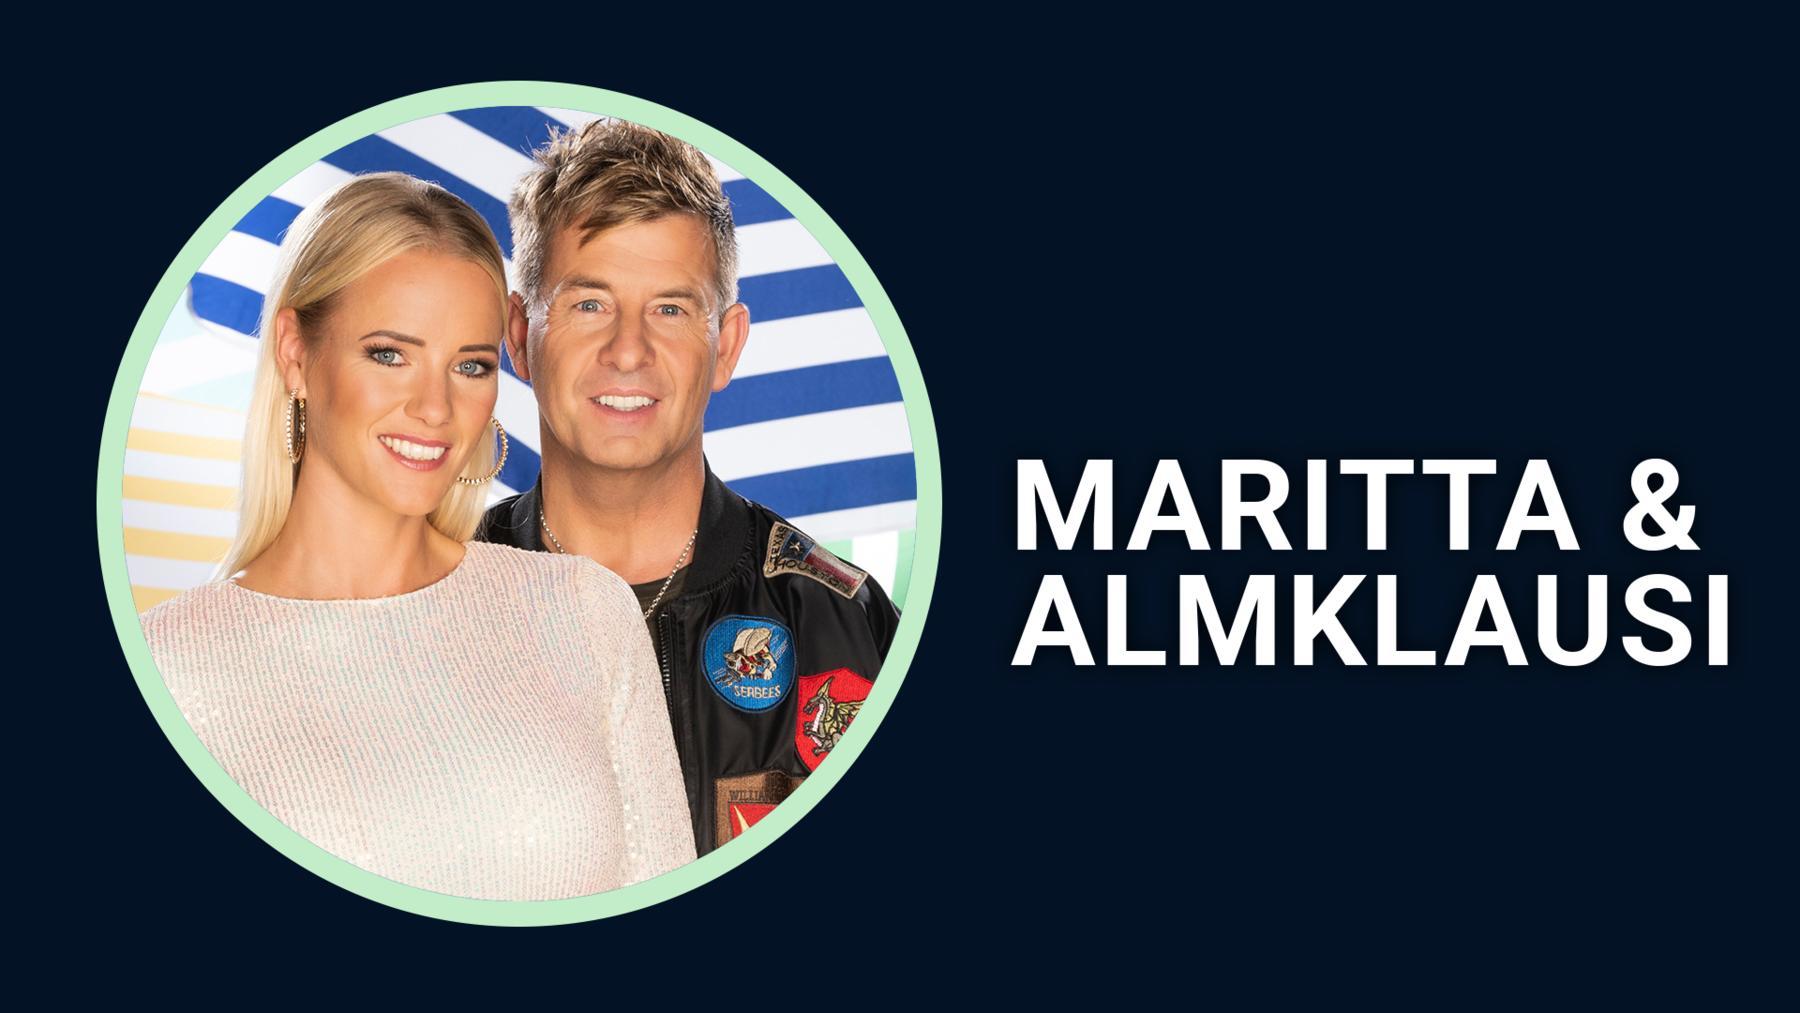 Maritta & Almklausi